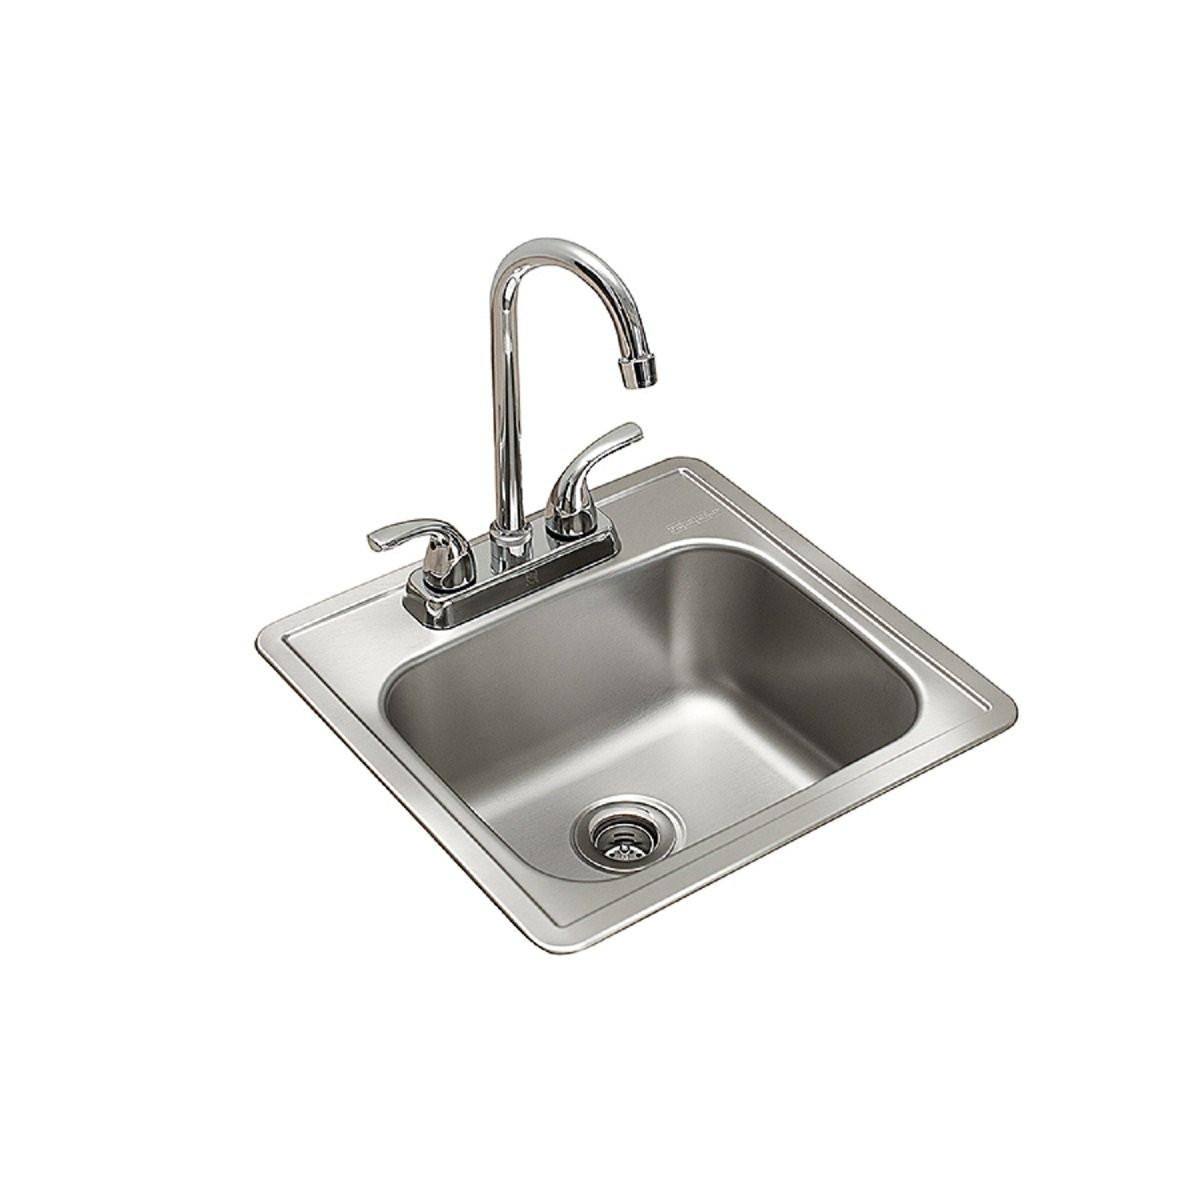 Luxury Stainless Steel Rv Bathroom Sink